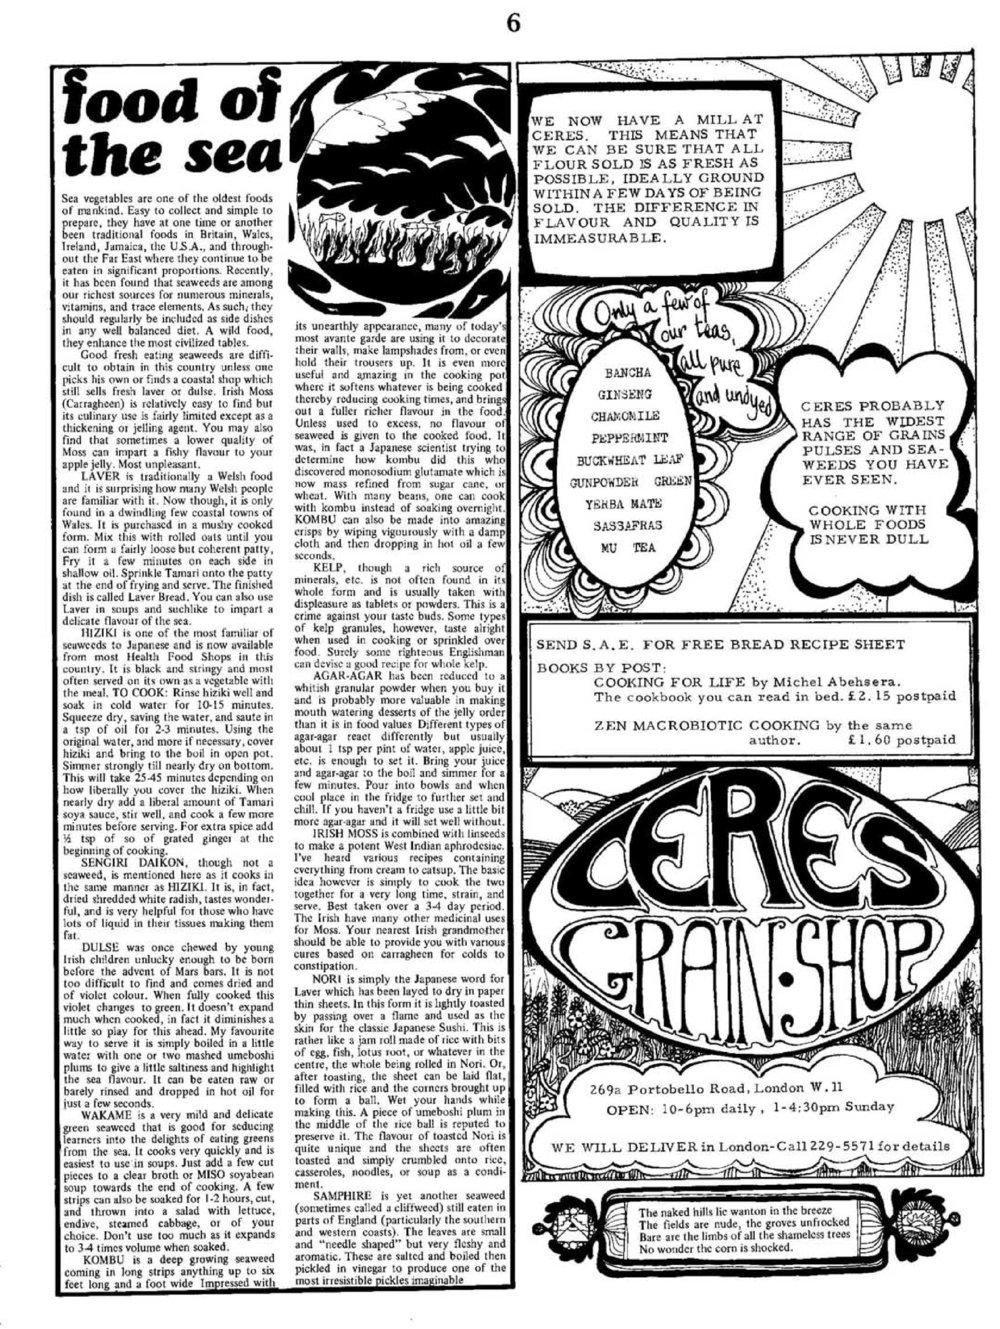 seed-v1-n2-feb1972-06.jpg